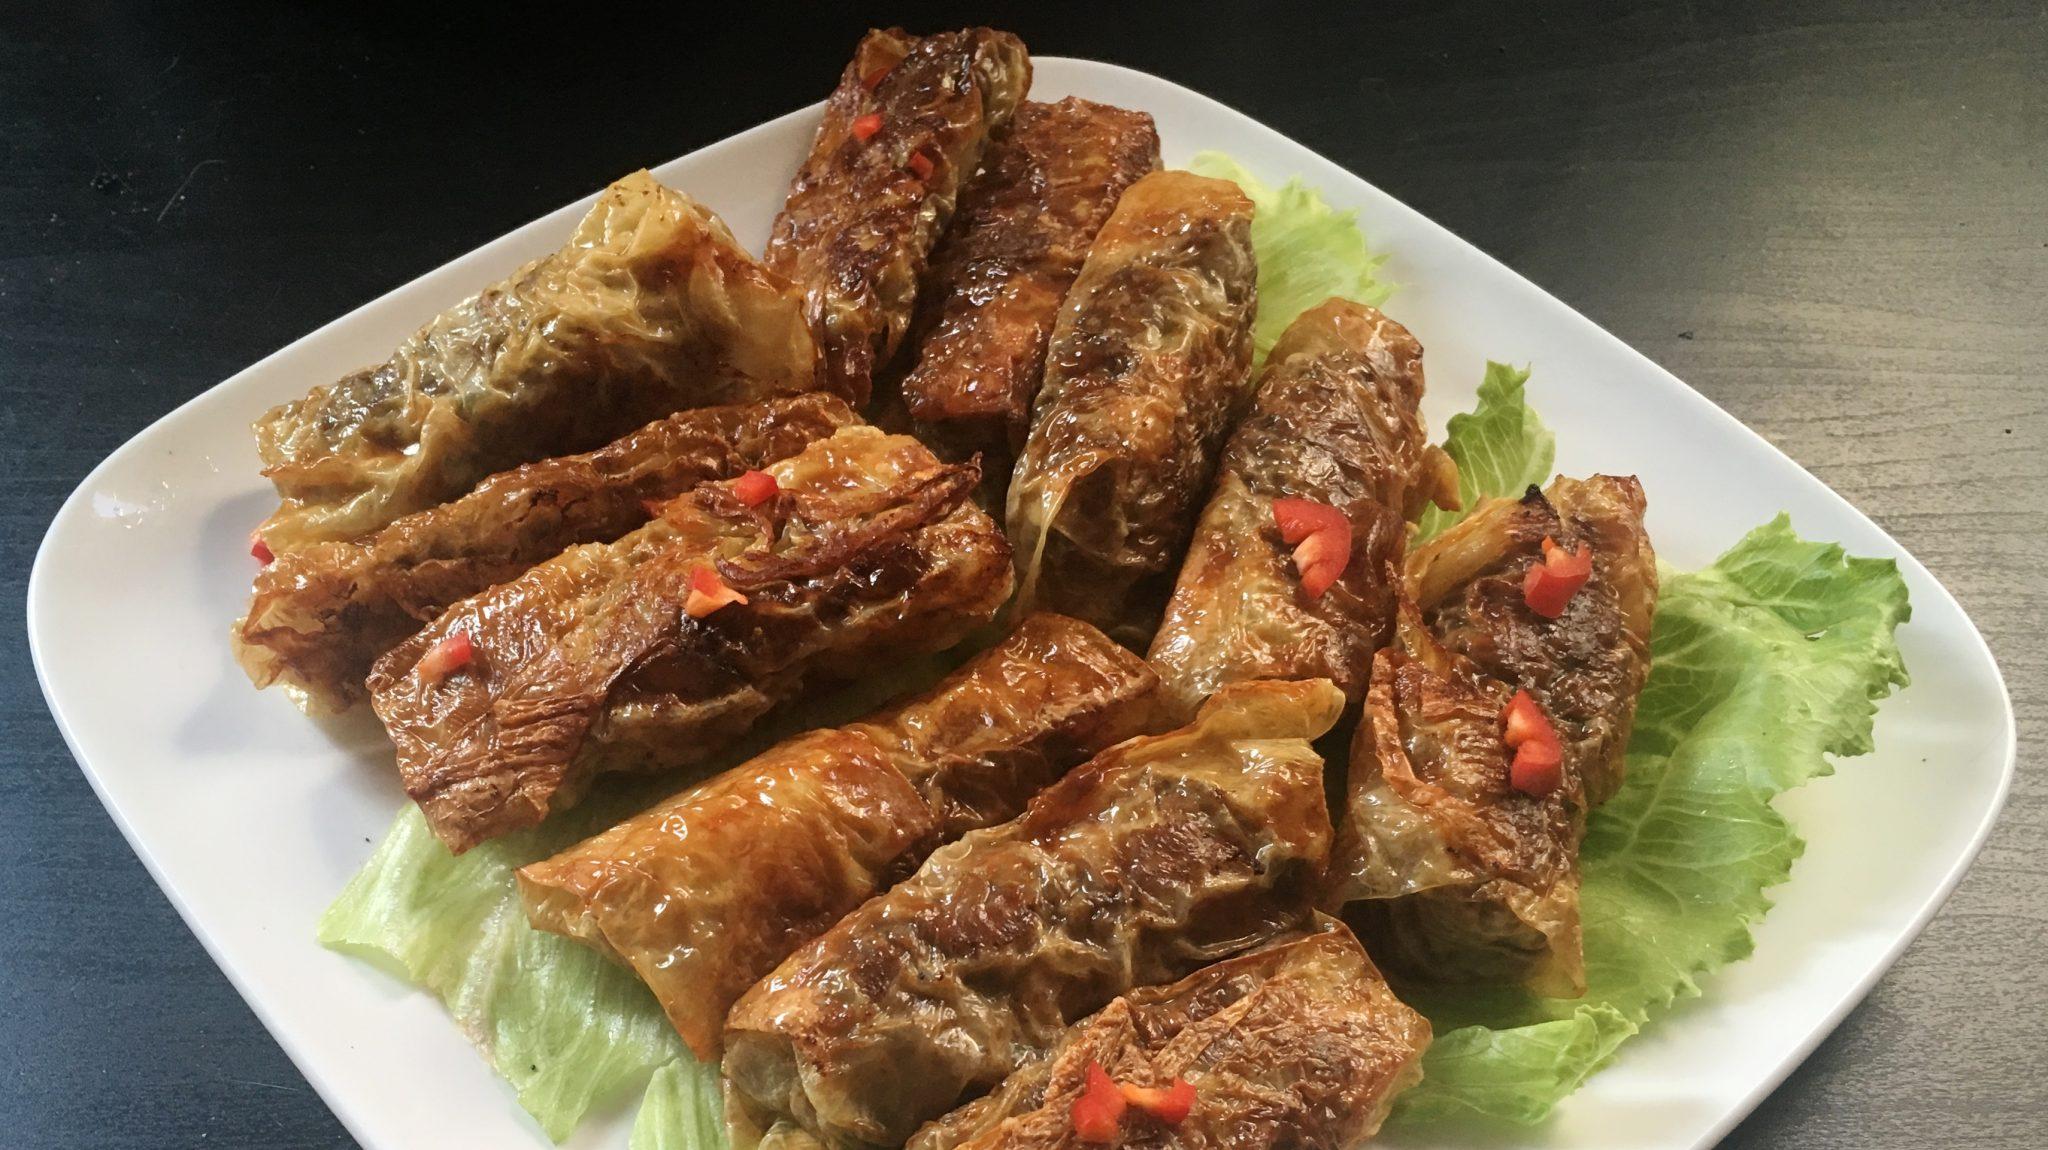 Ngo hiang, vijfkruiden-loempiaatjes uit Singapore